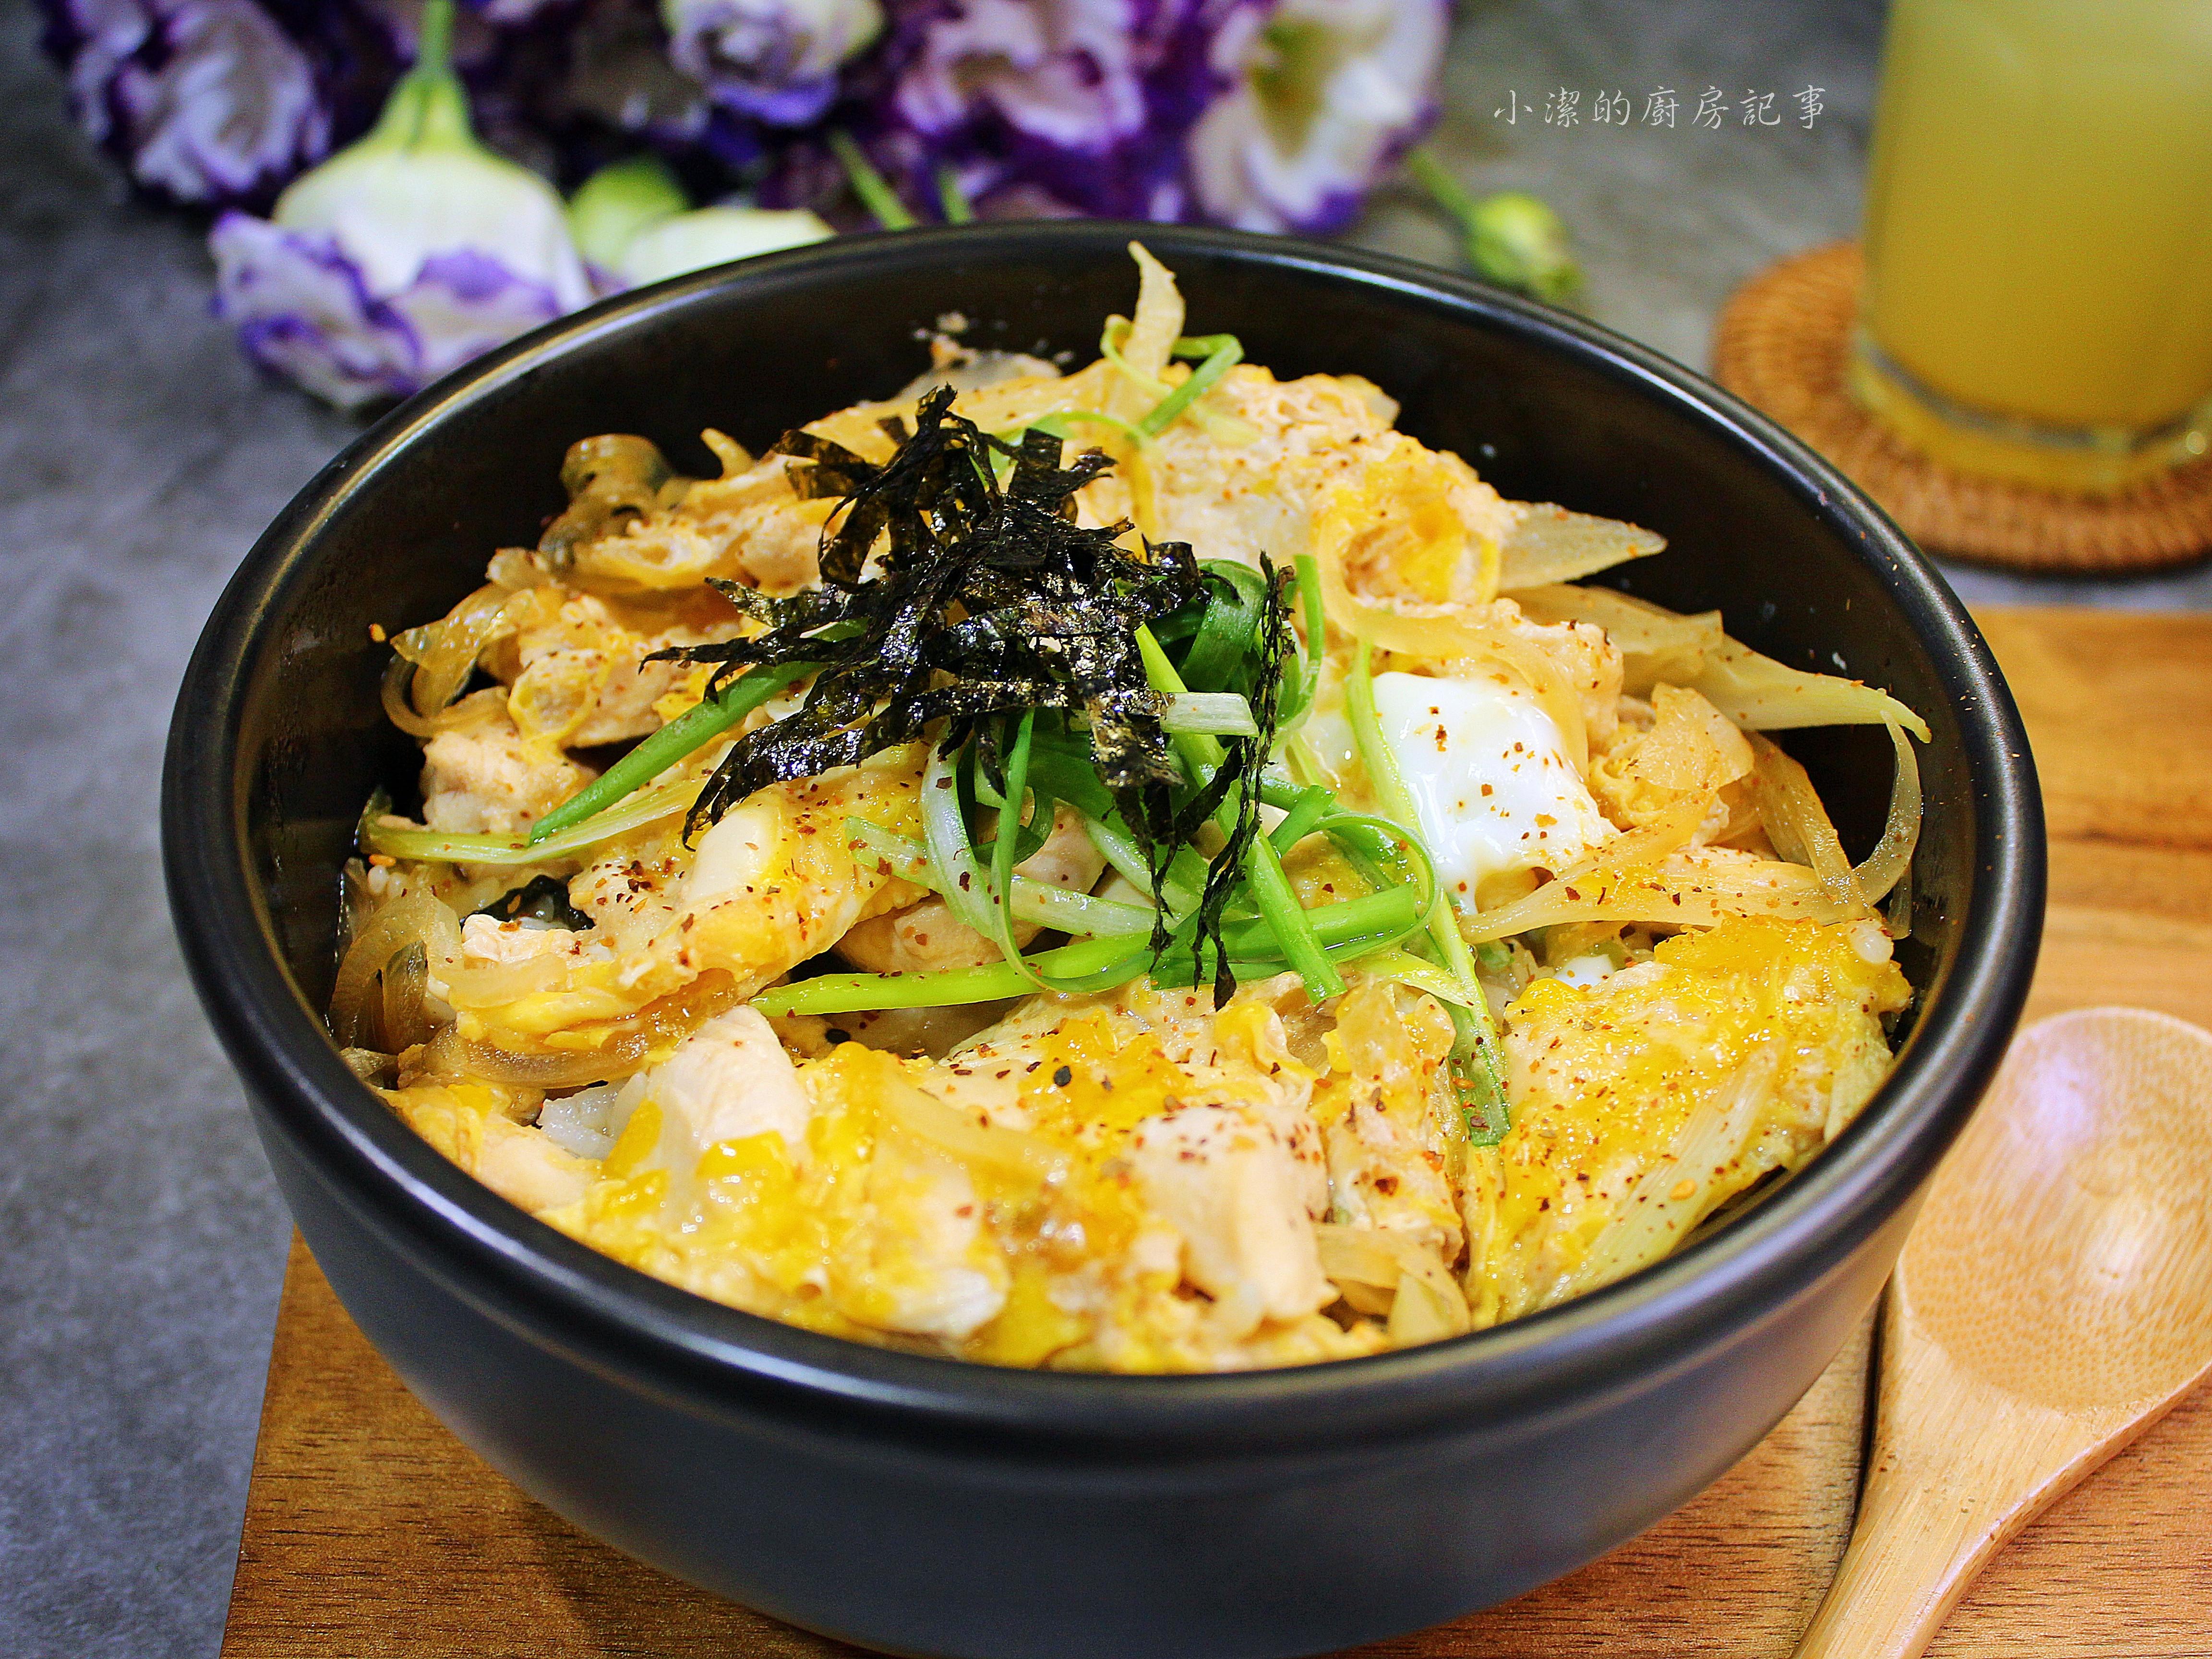 【薩索雞】親子丼